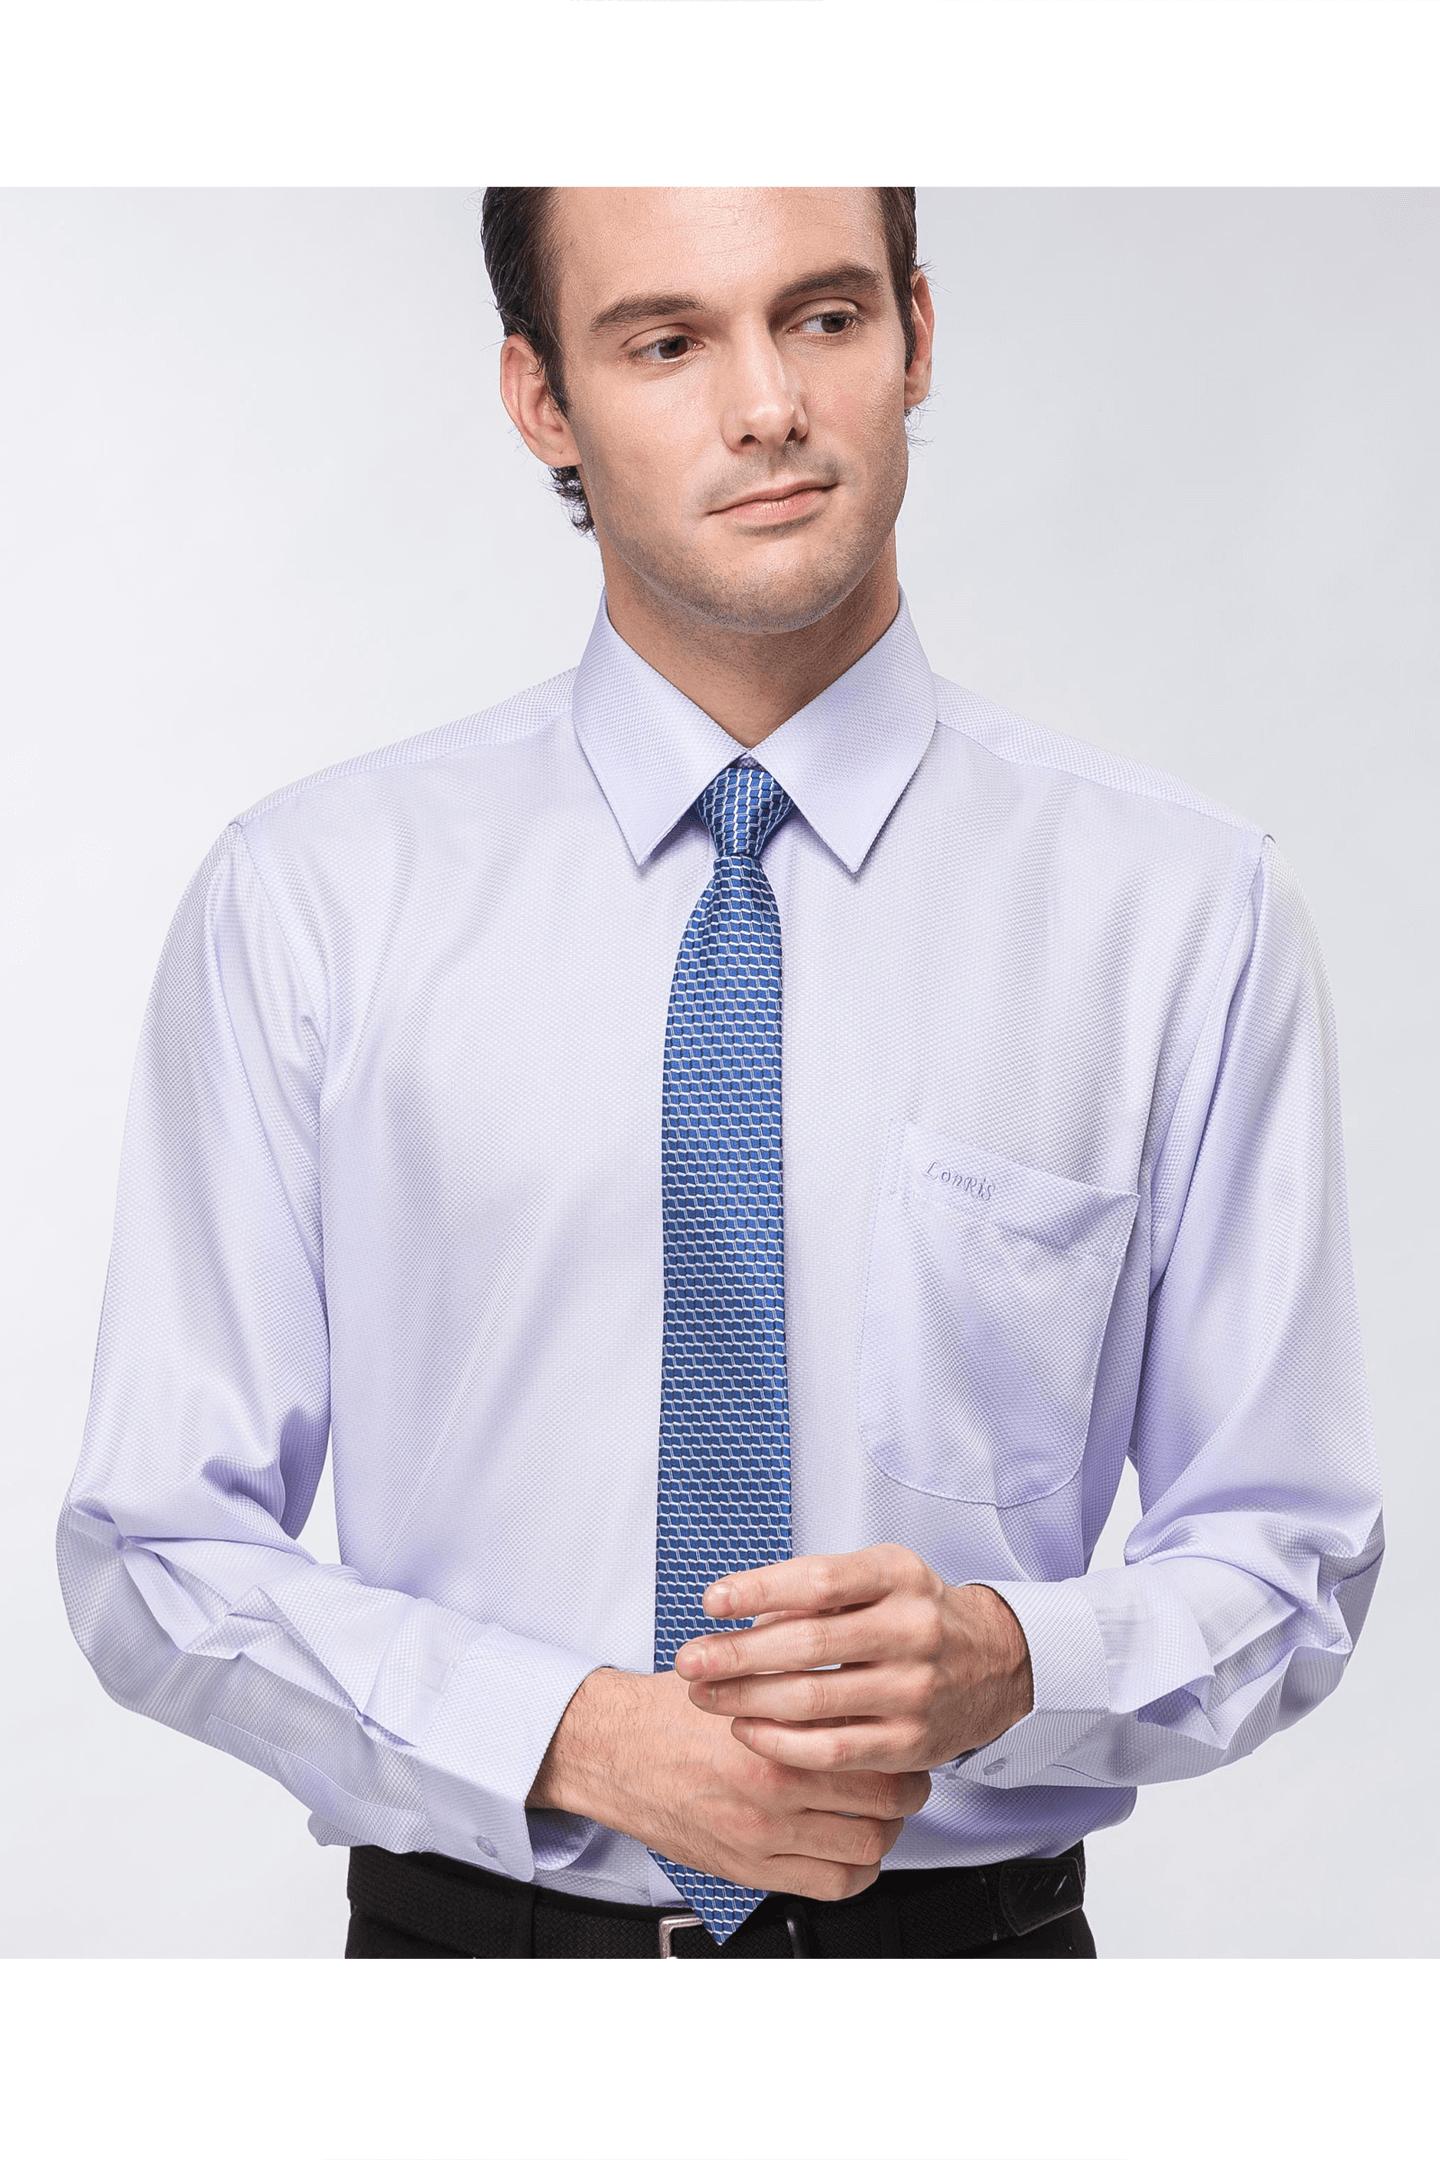 紫色細格長袖襯衫 / 抗皺 吸濕排汗 <br />